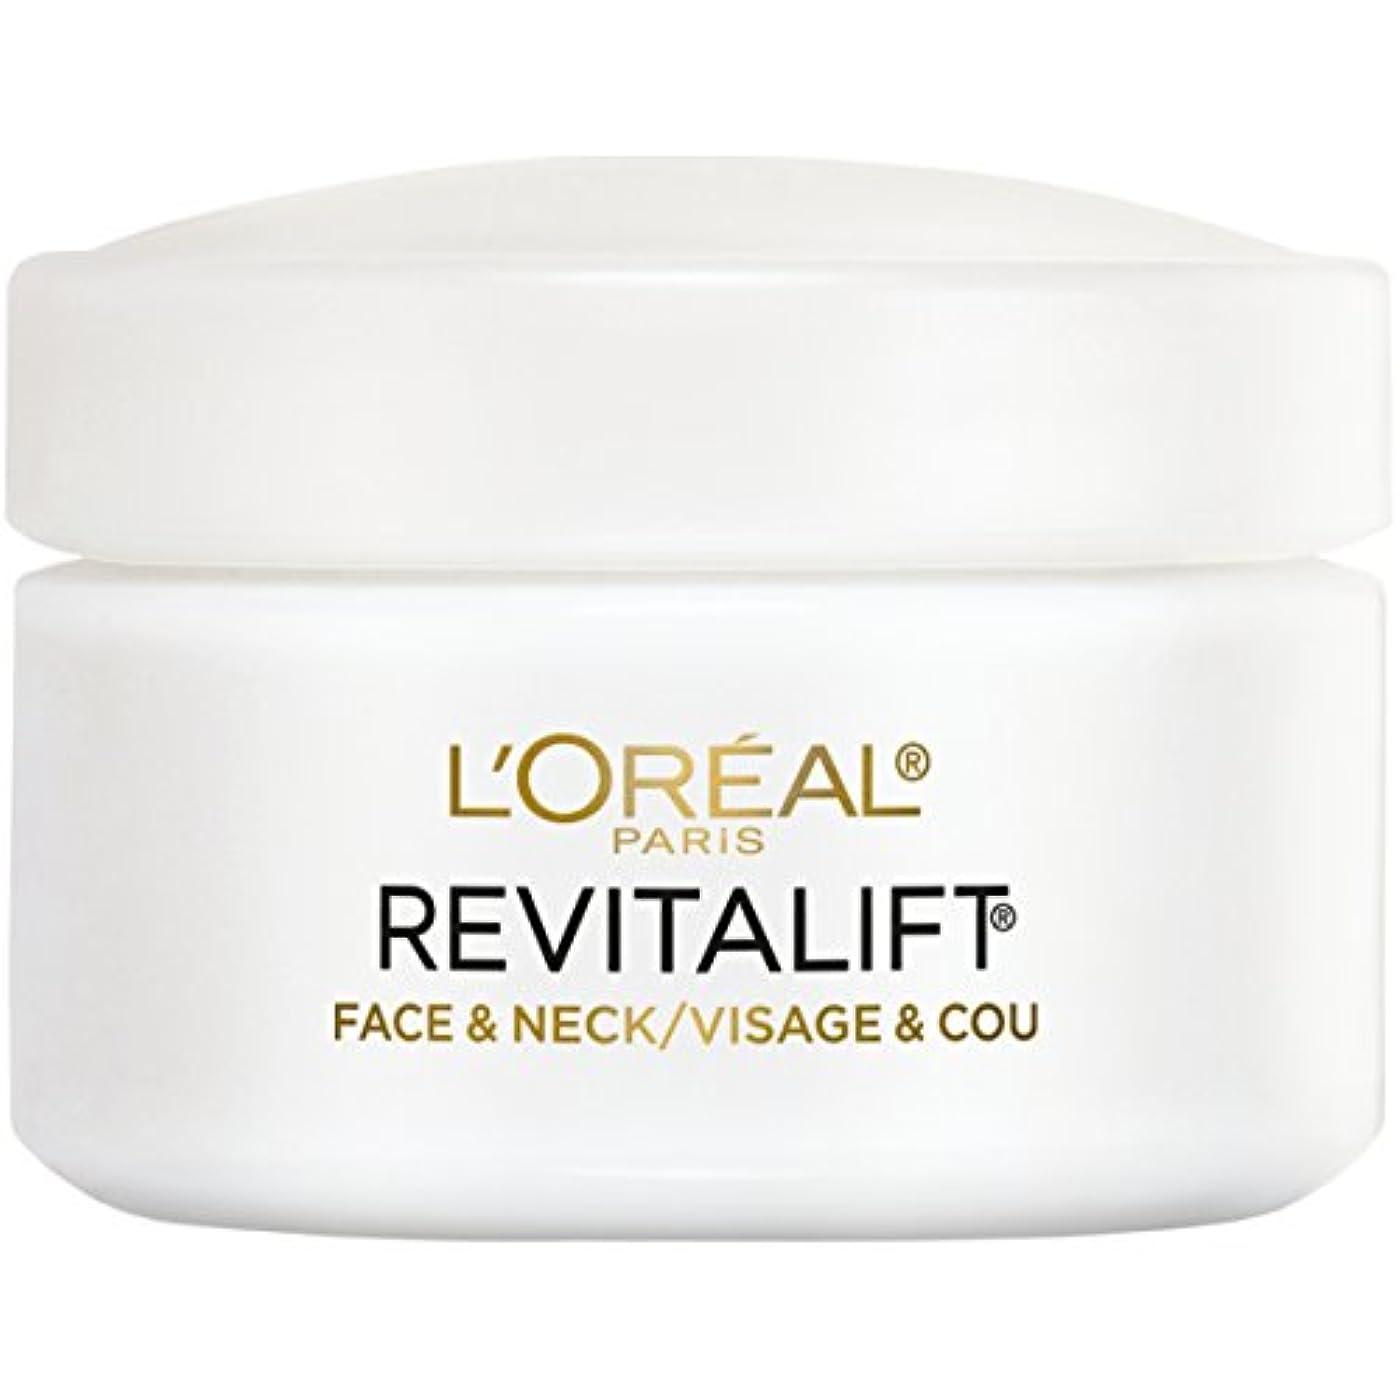 パッケージ契約受取人L'Oreal Paris Advanced RevitaLift Face and Neck Day Cream, 1.7 Ounce (並行輸入品)